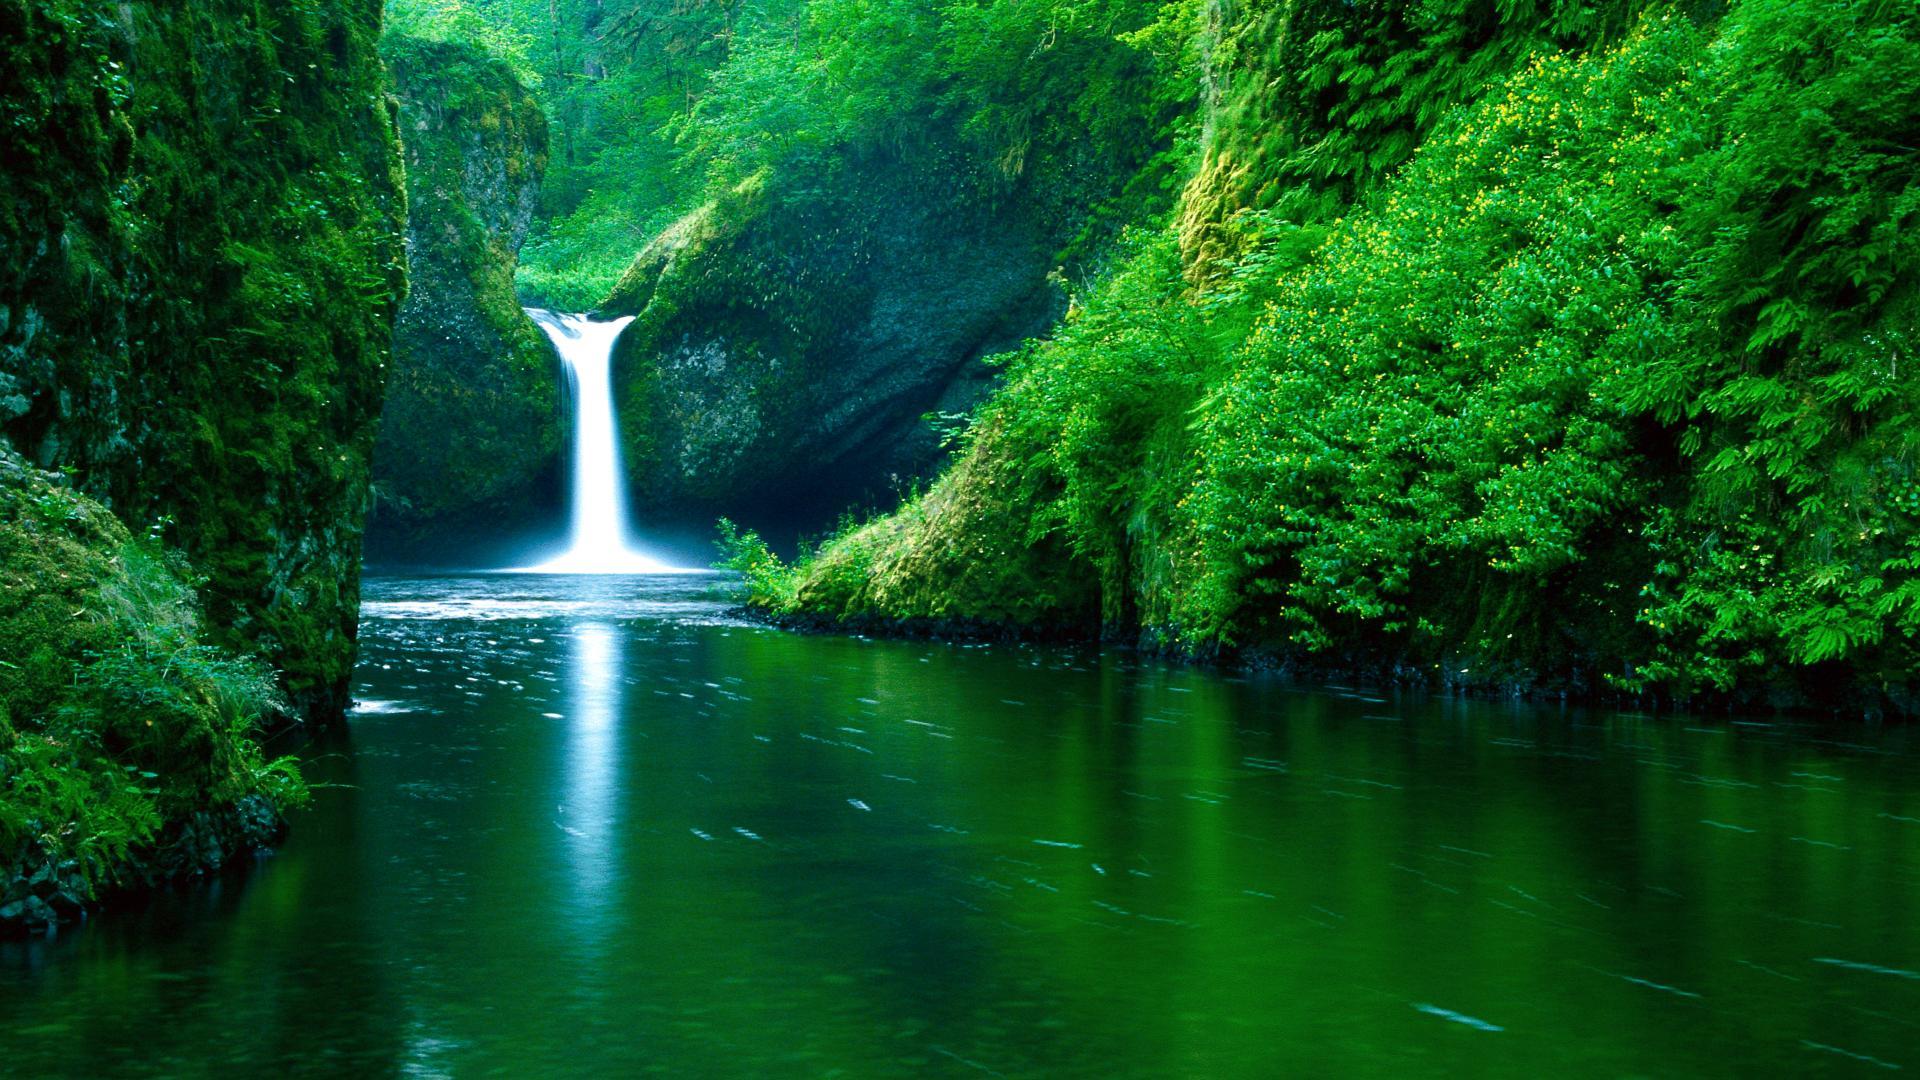 водопад и озерео среди зеленого леса, скачать фото, обои для рабочего стола